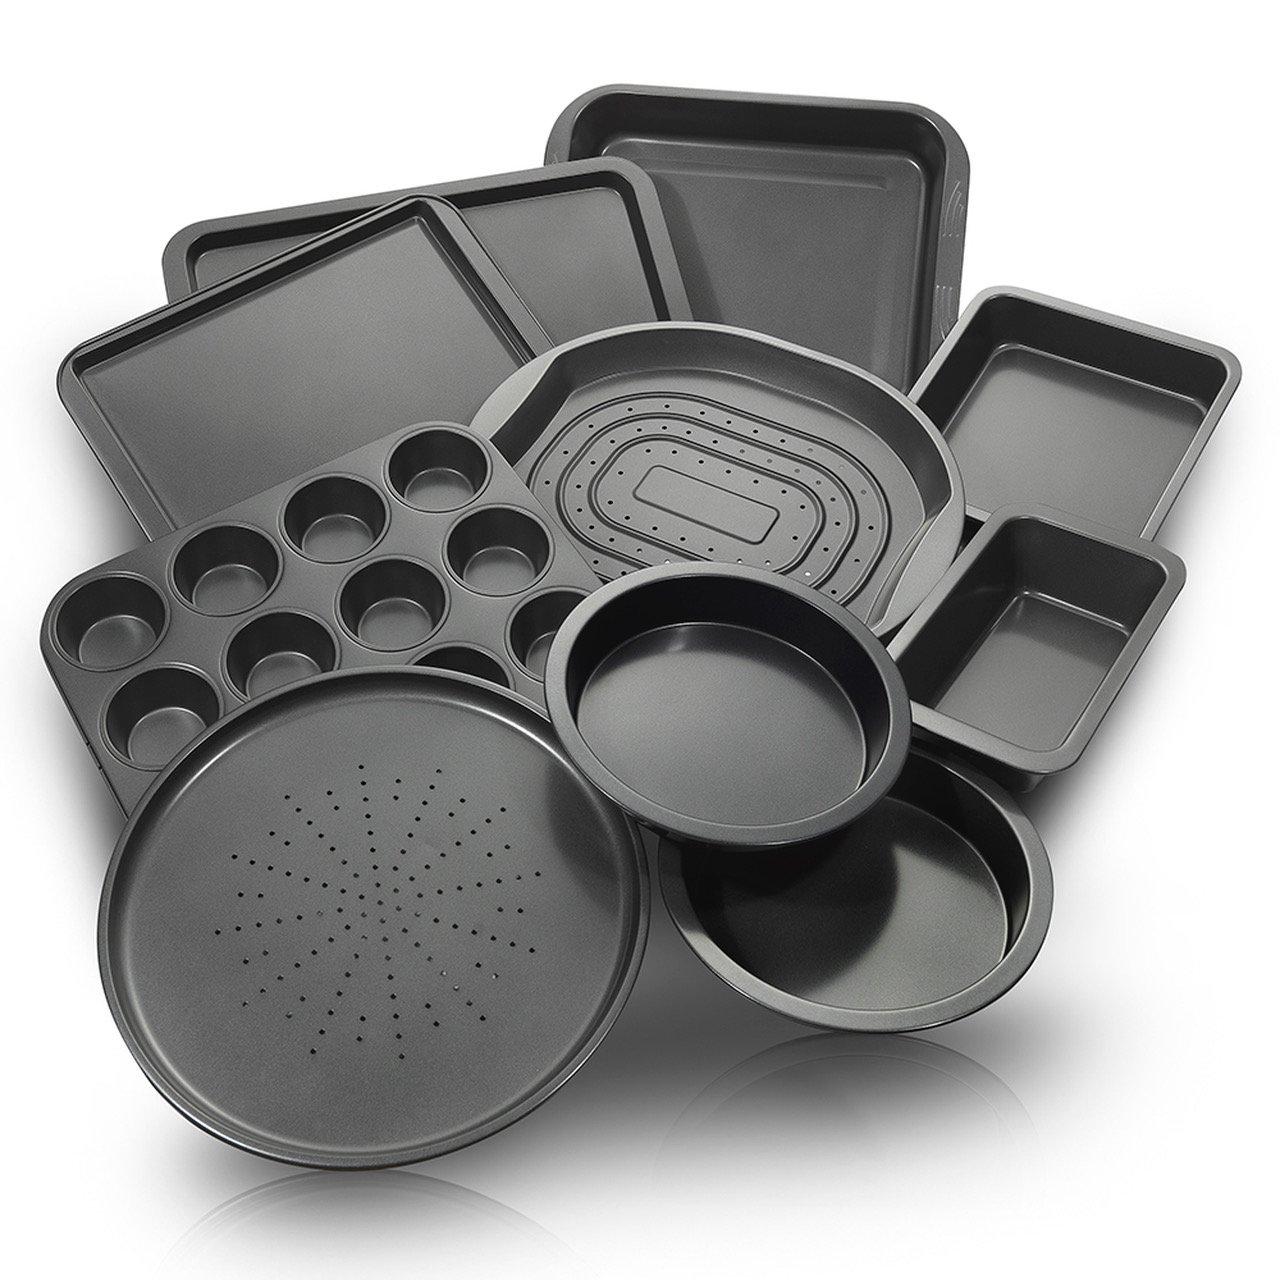 ChefLand 10-Piece Non-Stick Bakeware Set, Oven Crisper, Pizza Tray,... | eBay